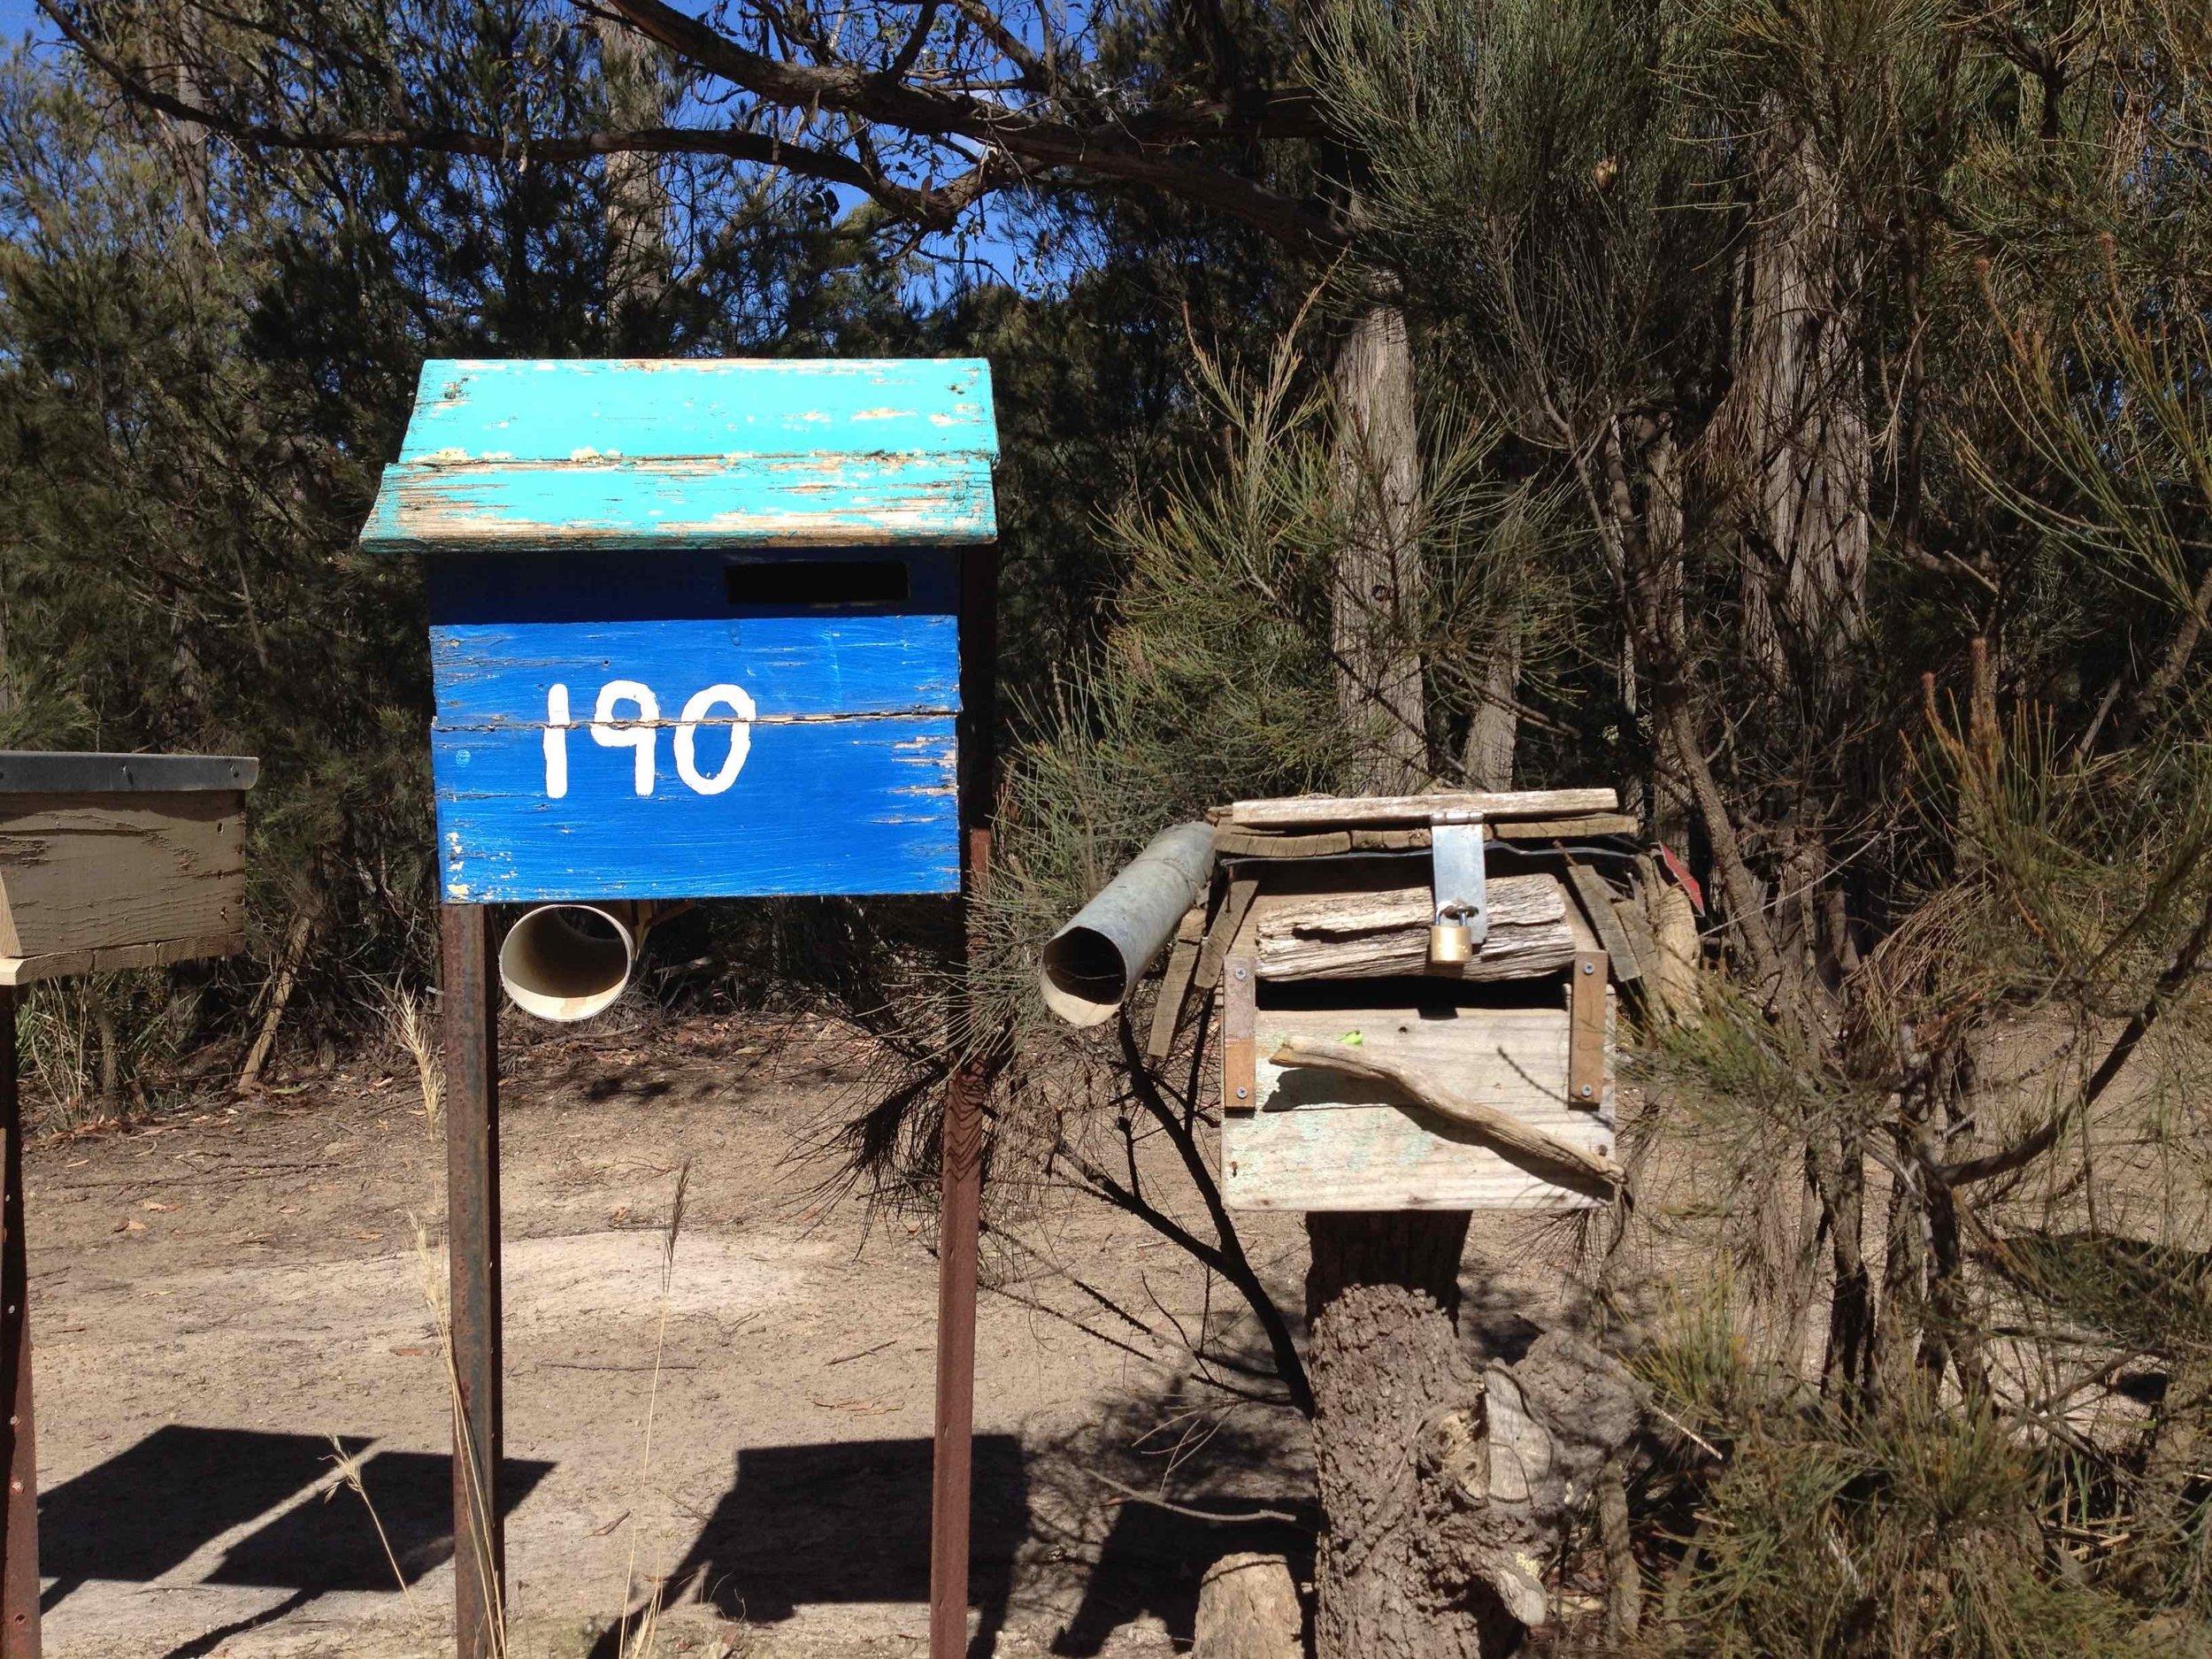 Tasmanian_mail_box_1.jpg